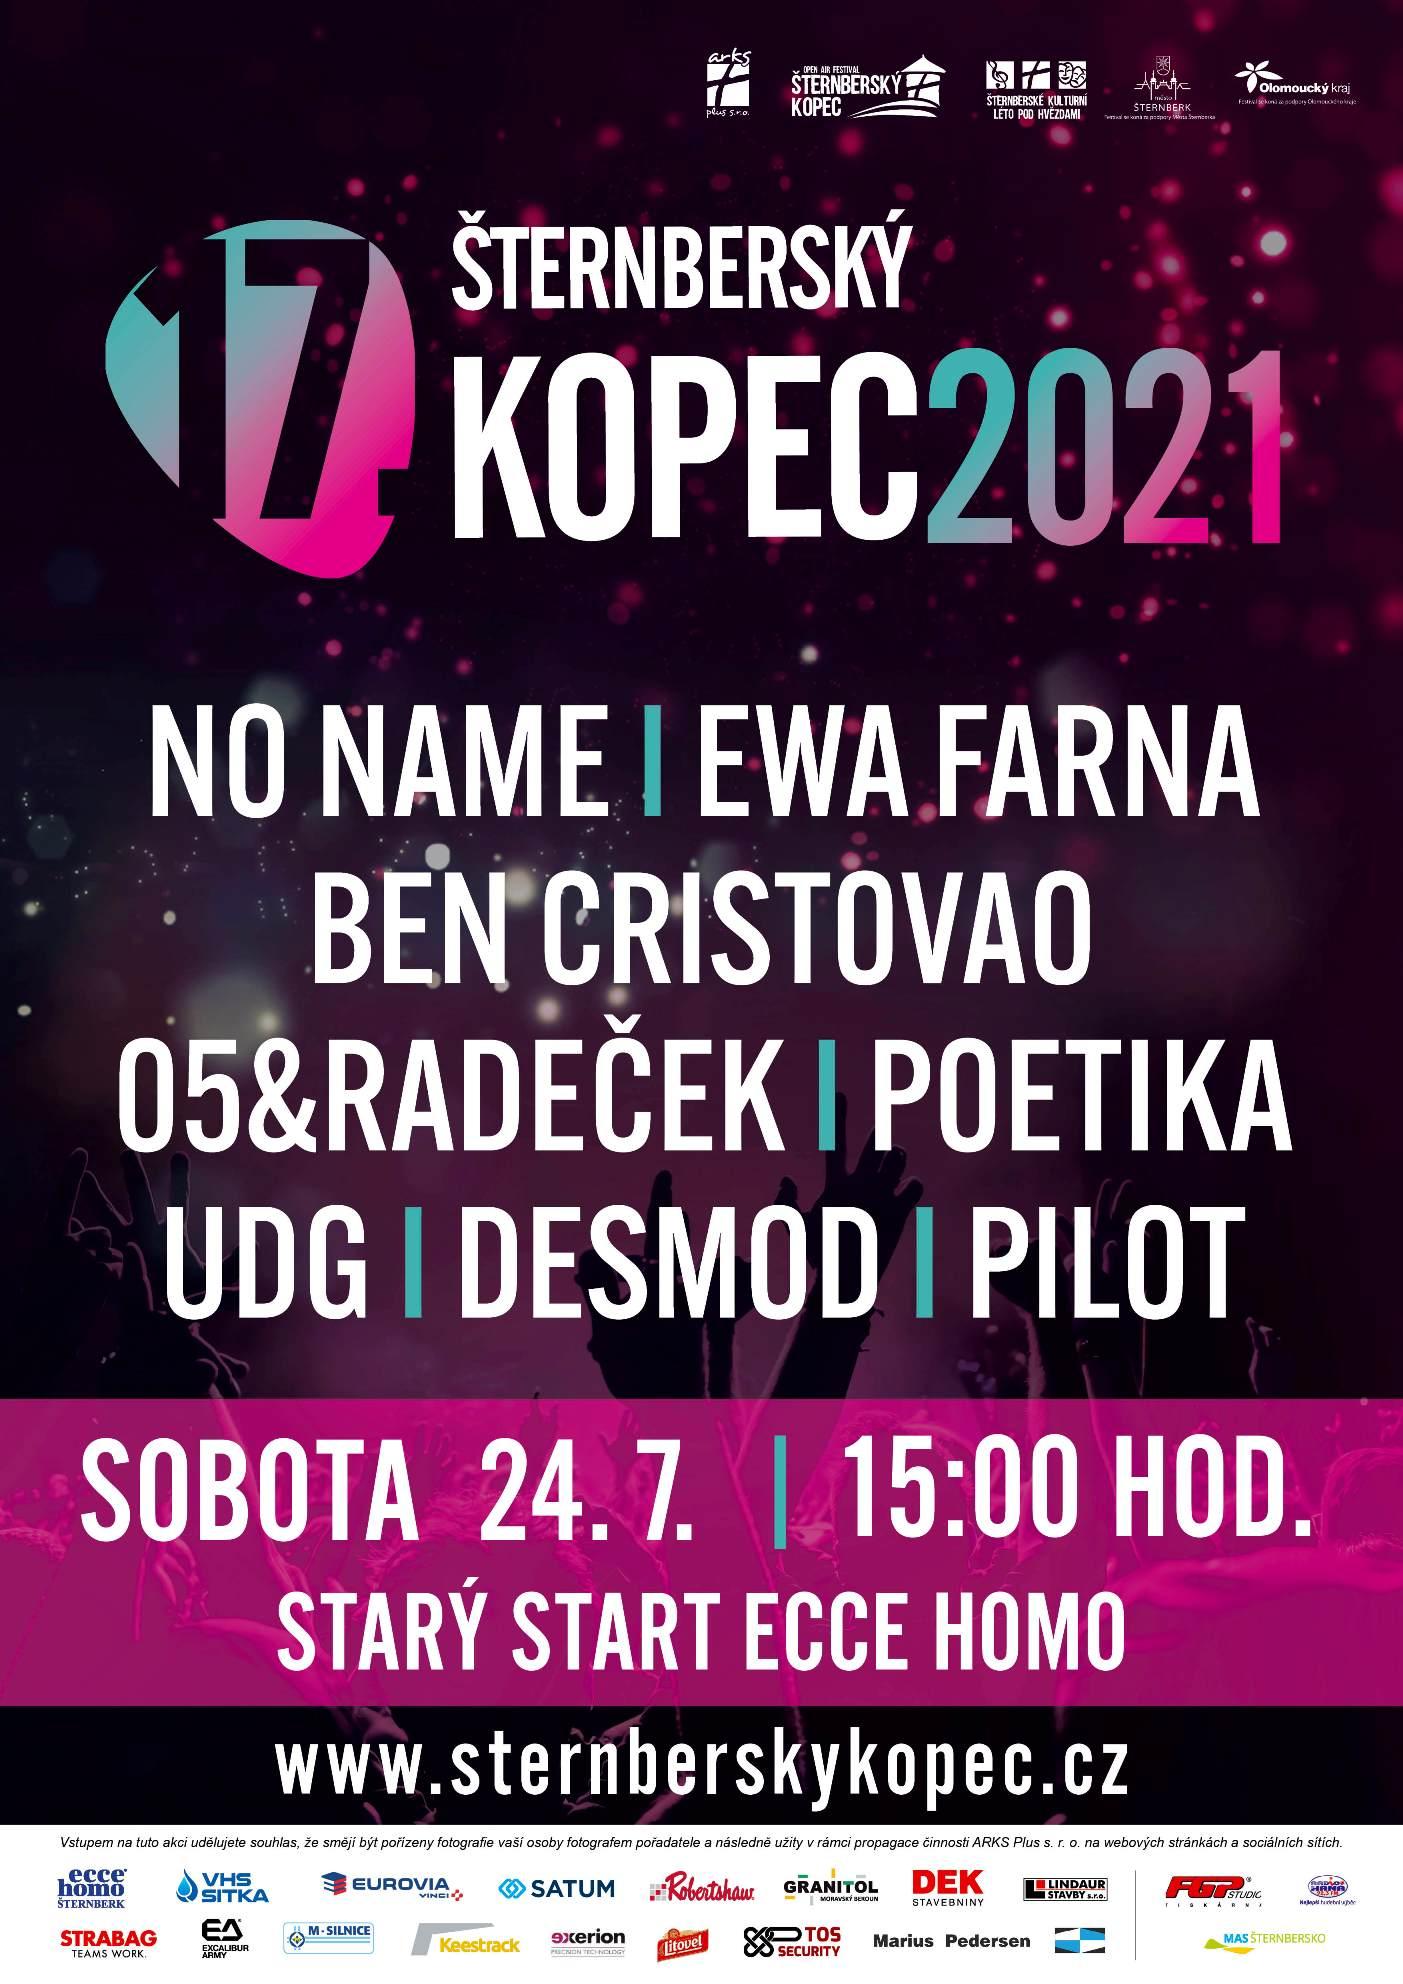 Šternberský kopec- festival Šternberk- NO NAME, EWA Farna, Ben Cristovao, UDG, Desmod a další -Starý start Ecce Homo Šternberk